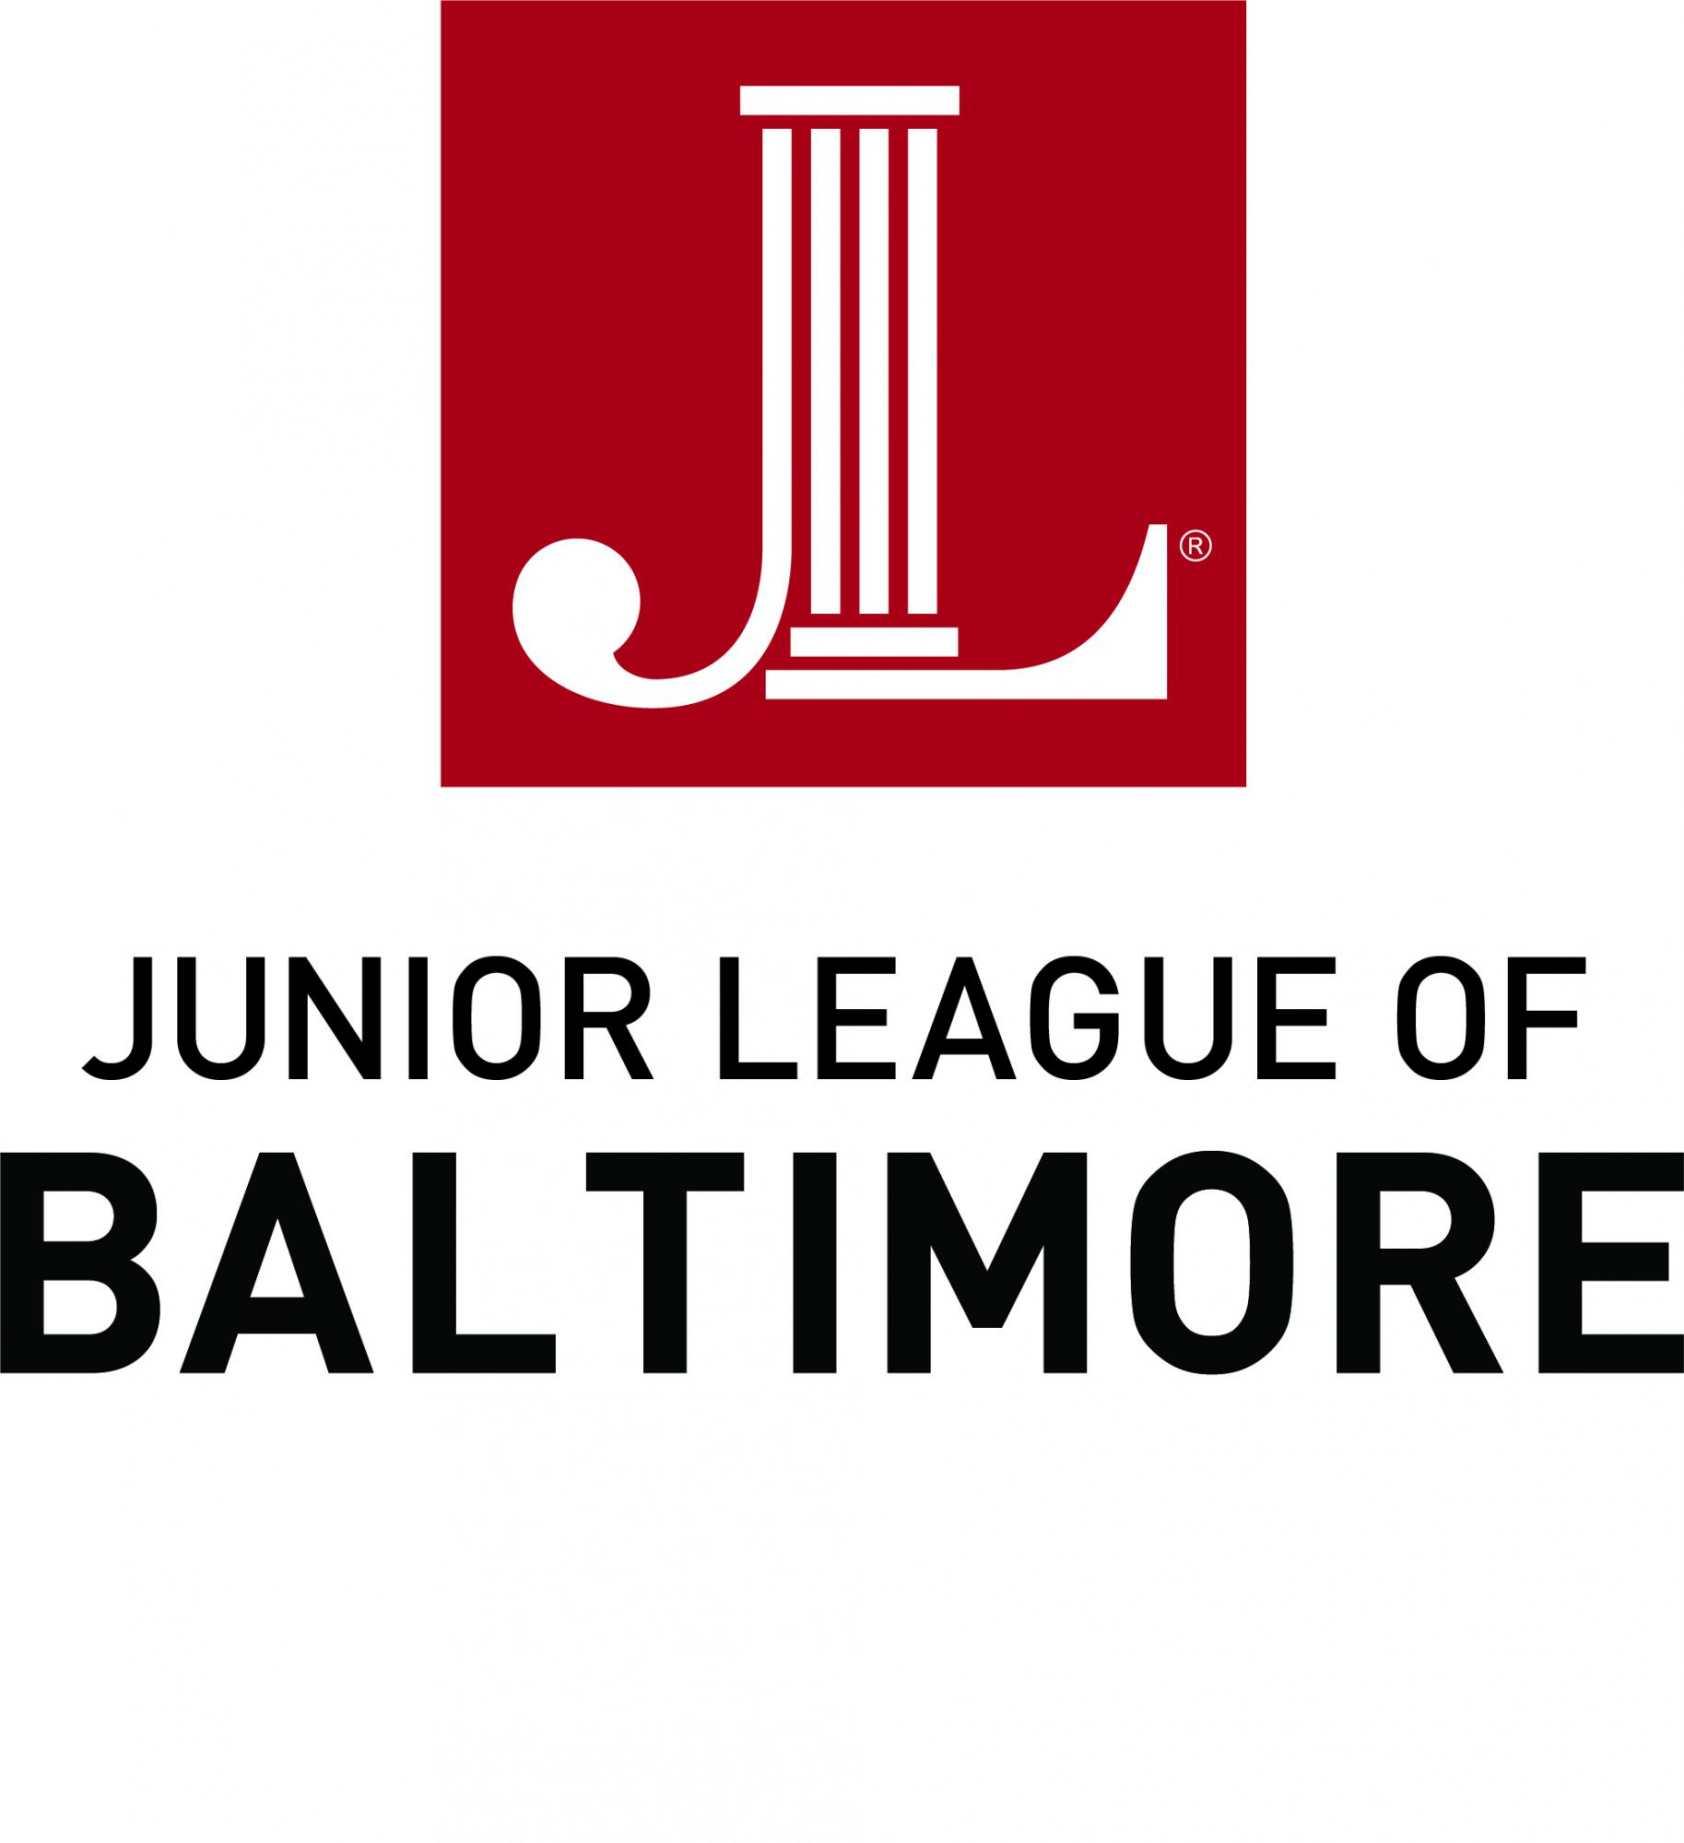 jlofbaltimore Logo